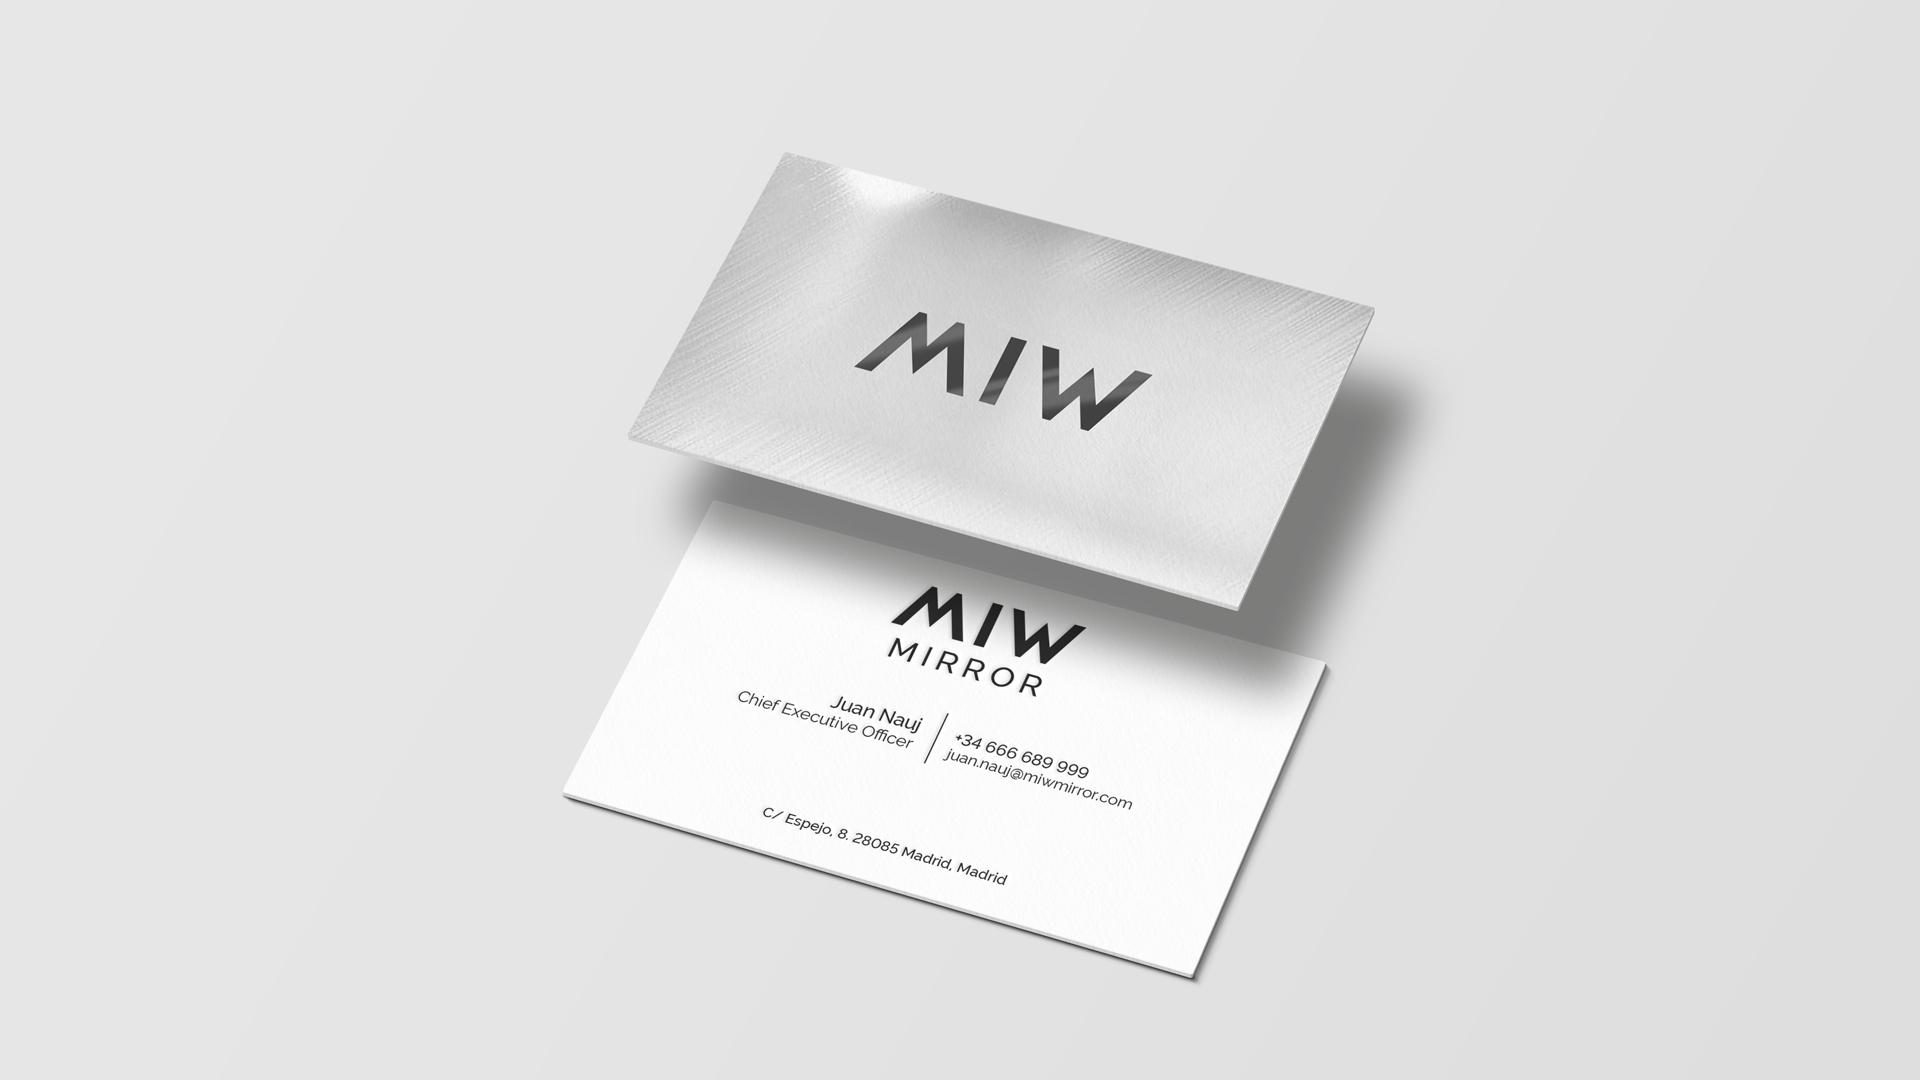 creacion-de-marca-branding-miw-tarjeta-de-visita-efecto-espejo-smart-mirror